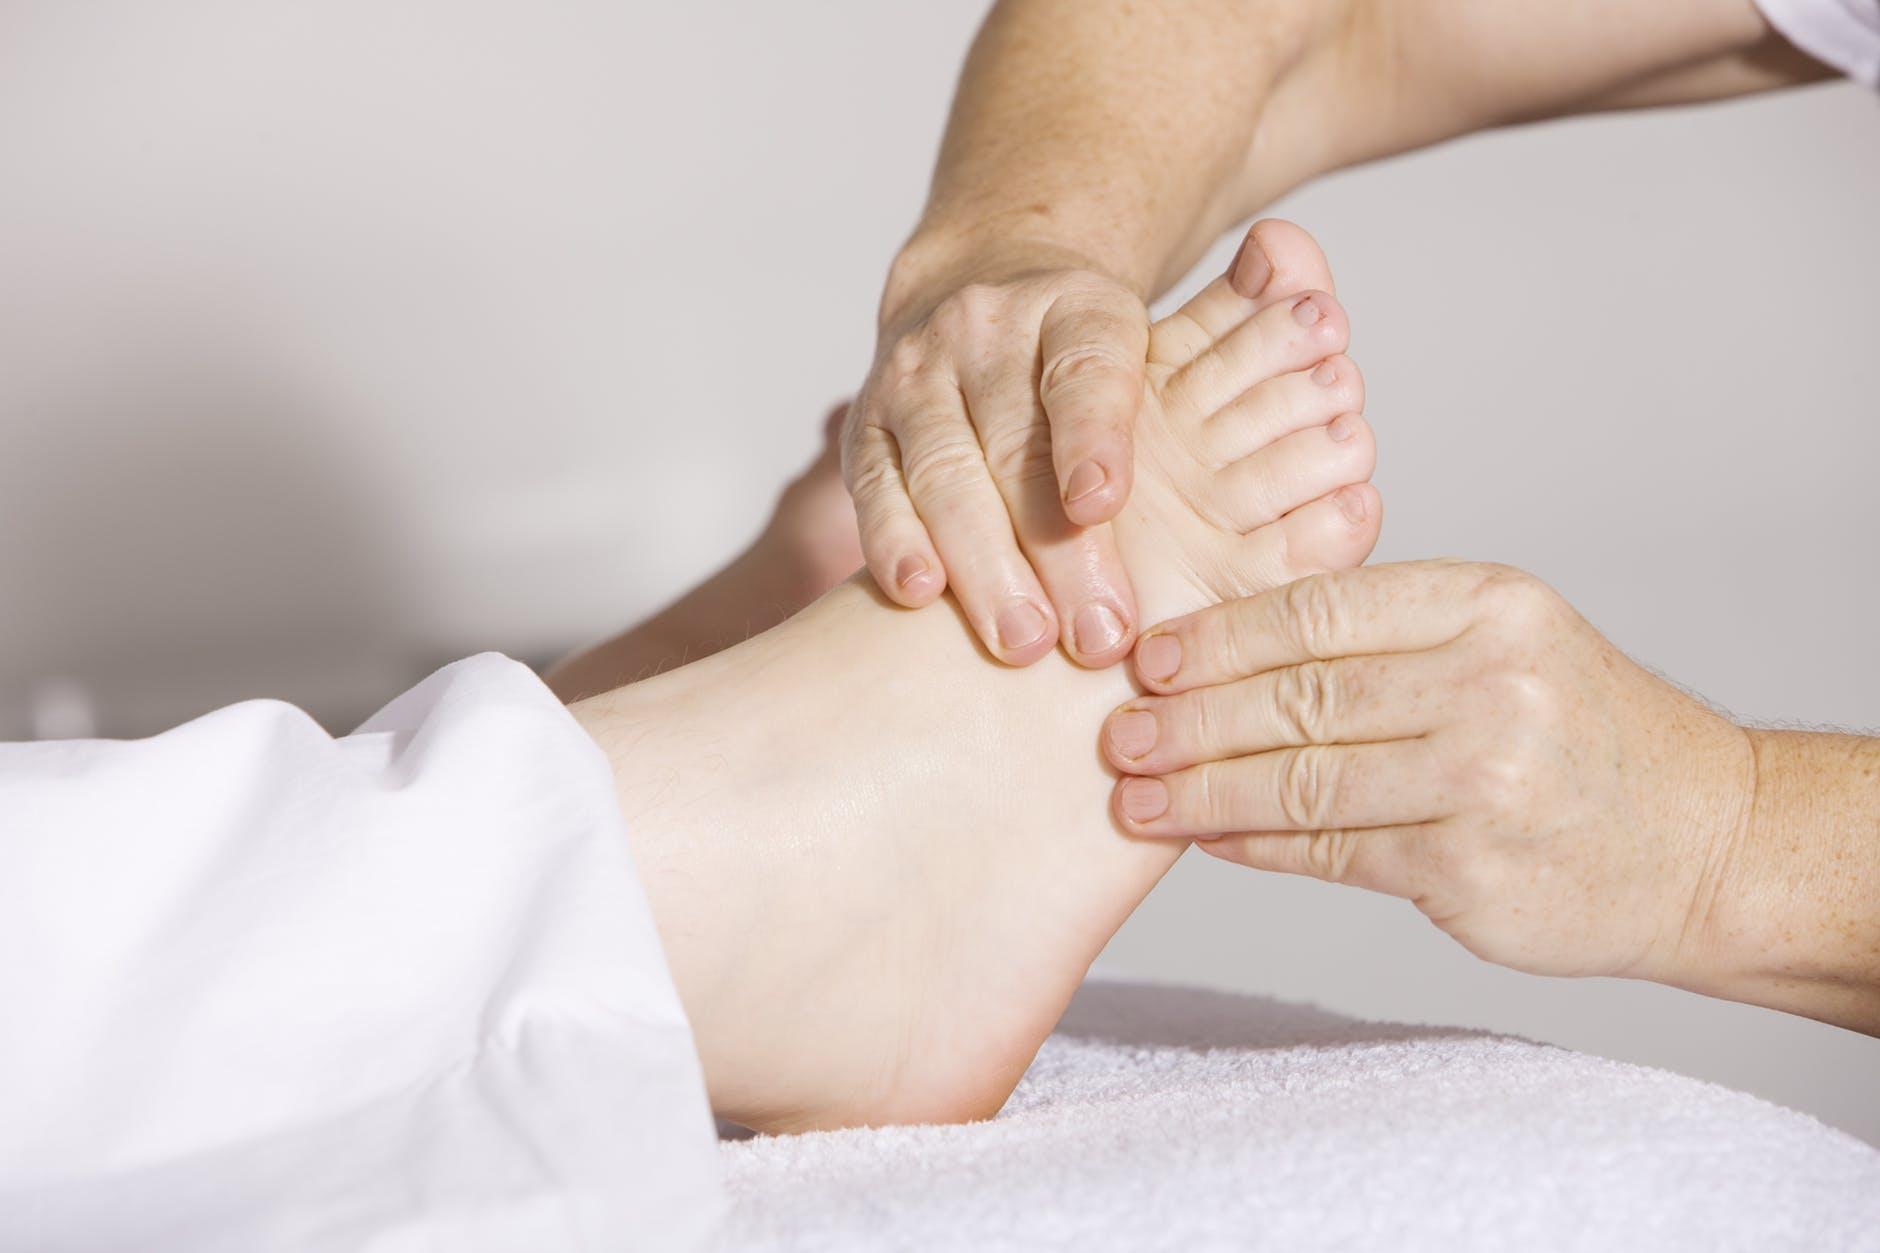 simptome de durere a picioarelor umflate cauza venelor de păianjen pe picioare